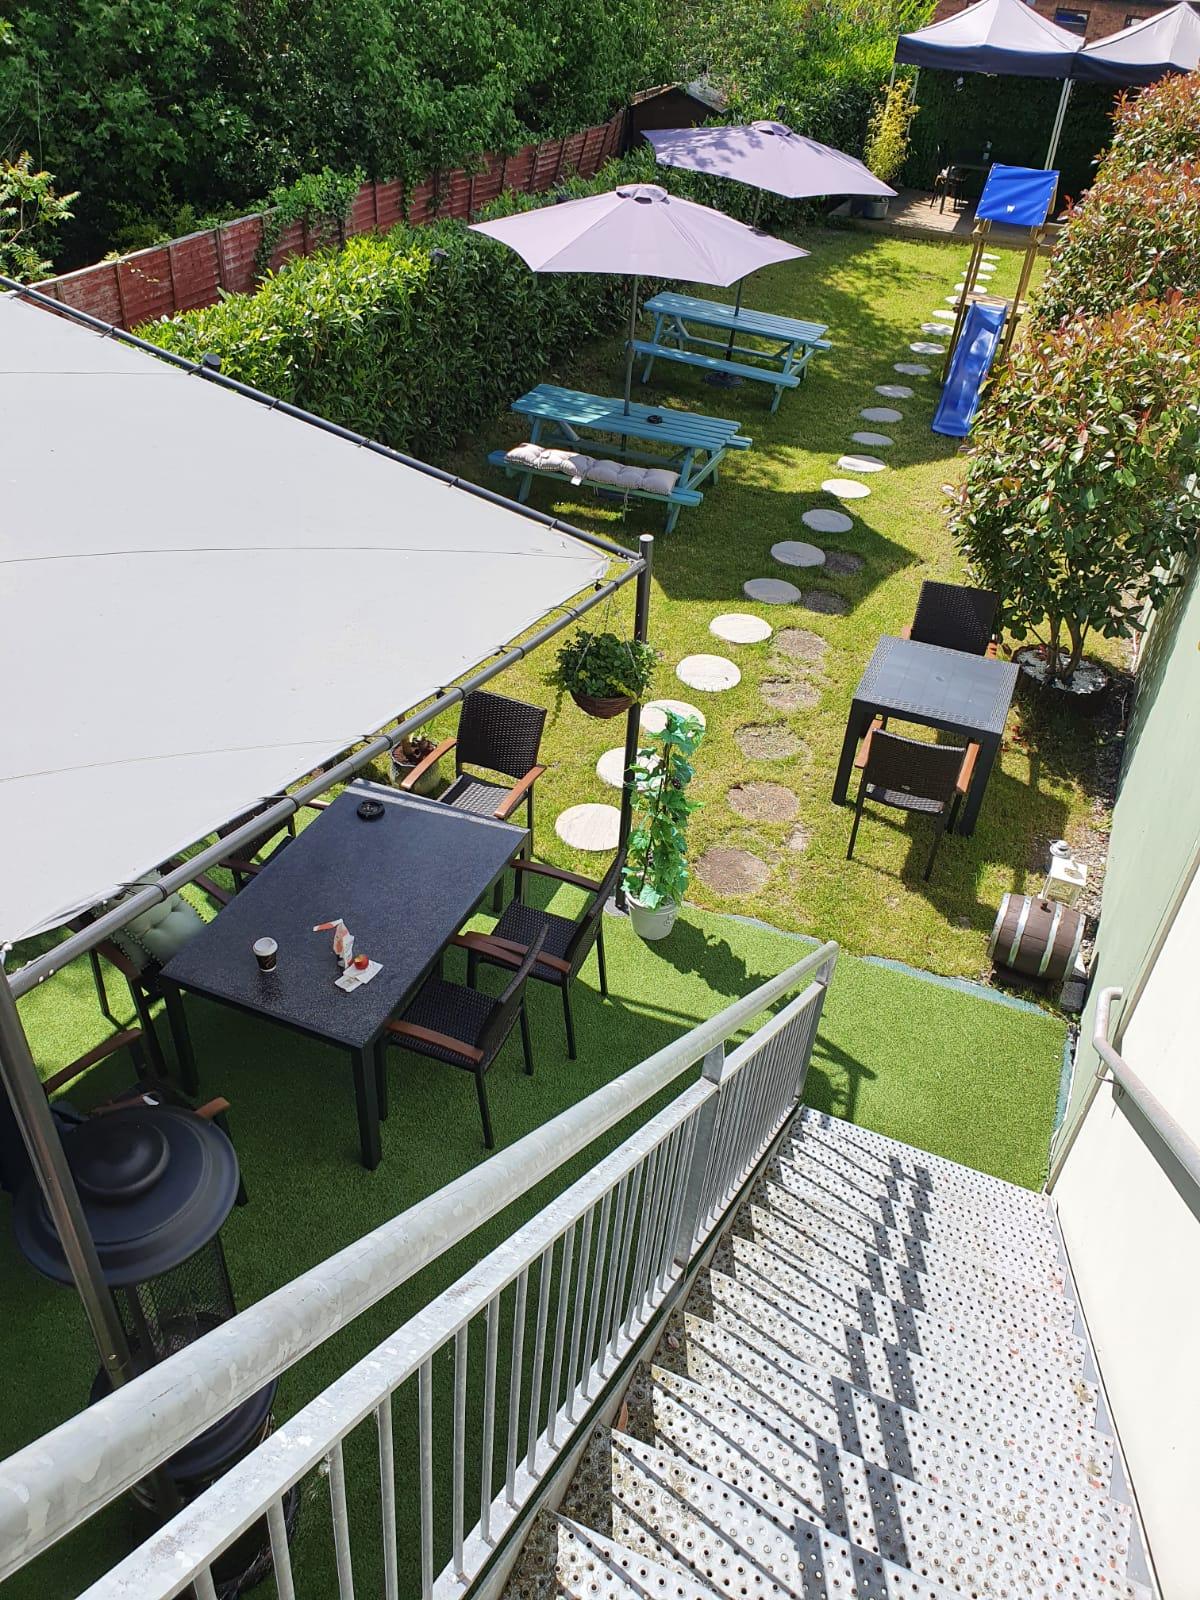 Beer Garden - Top Shot - Outdoor Dinning - Wine House Restaurant